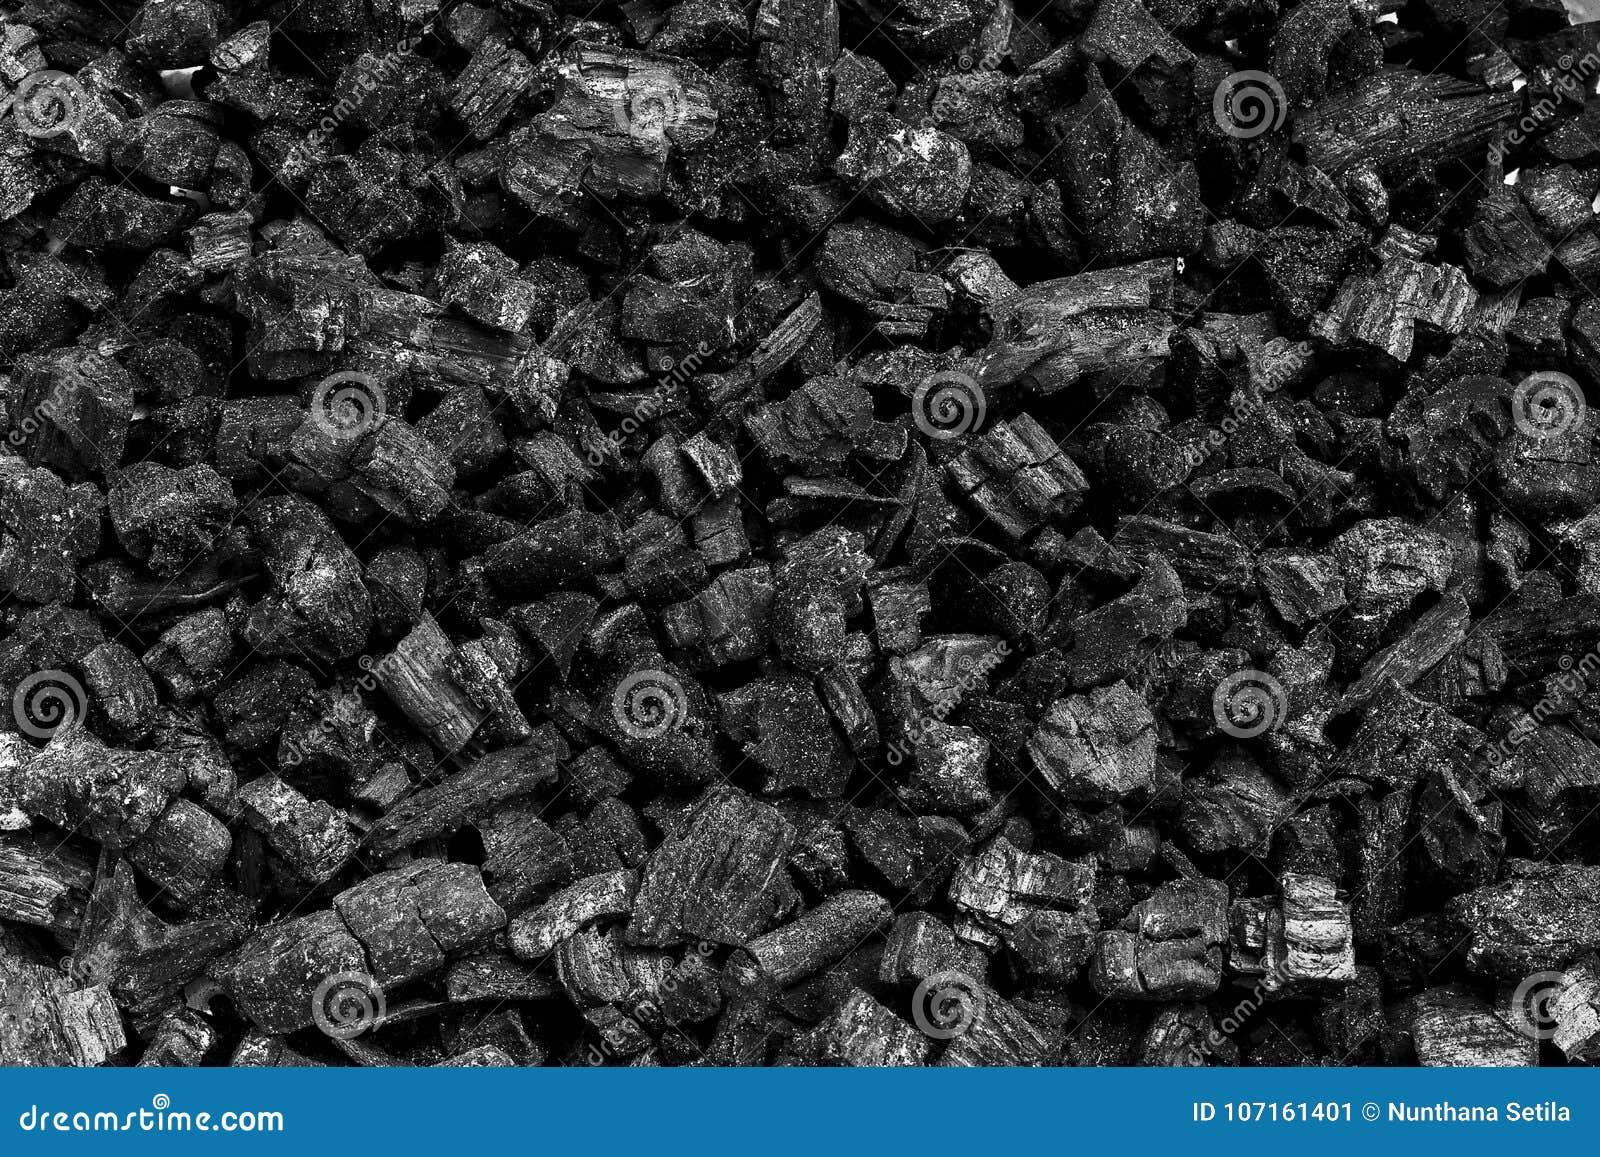 Naturalny drewniany węgiel drzewny, tradycyjny węgiel drzewny lub ciężki drewniany węgiel drzewny, Używać jako paliwo dla przemys